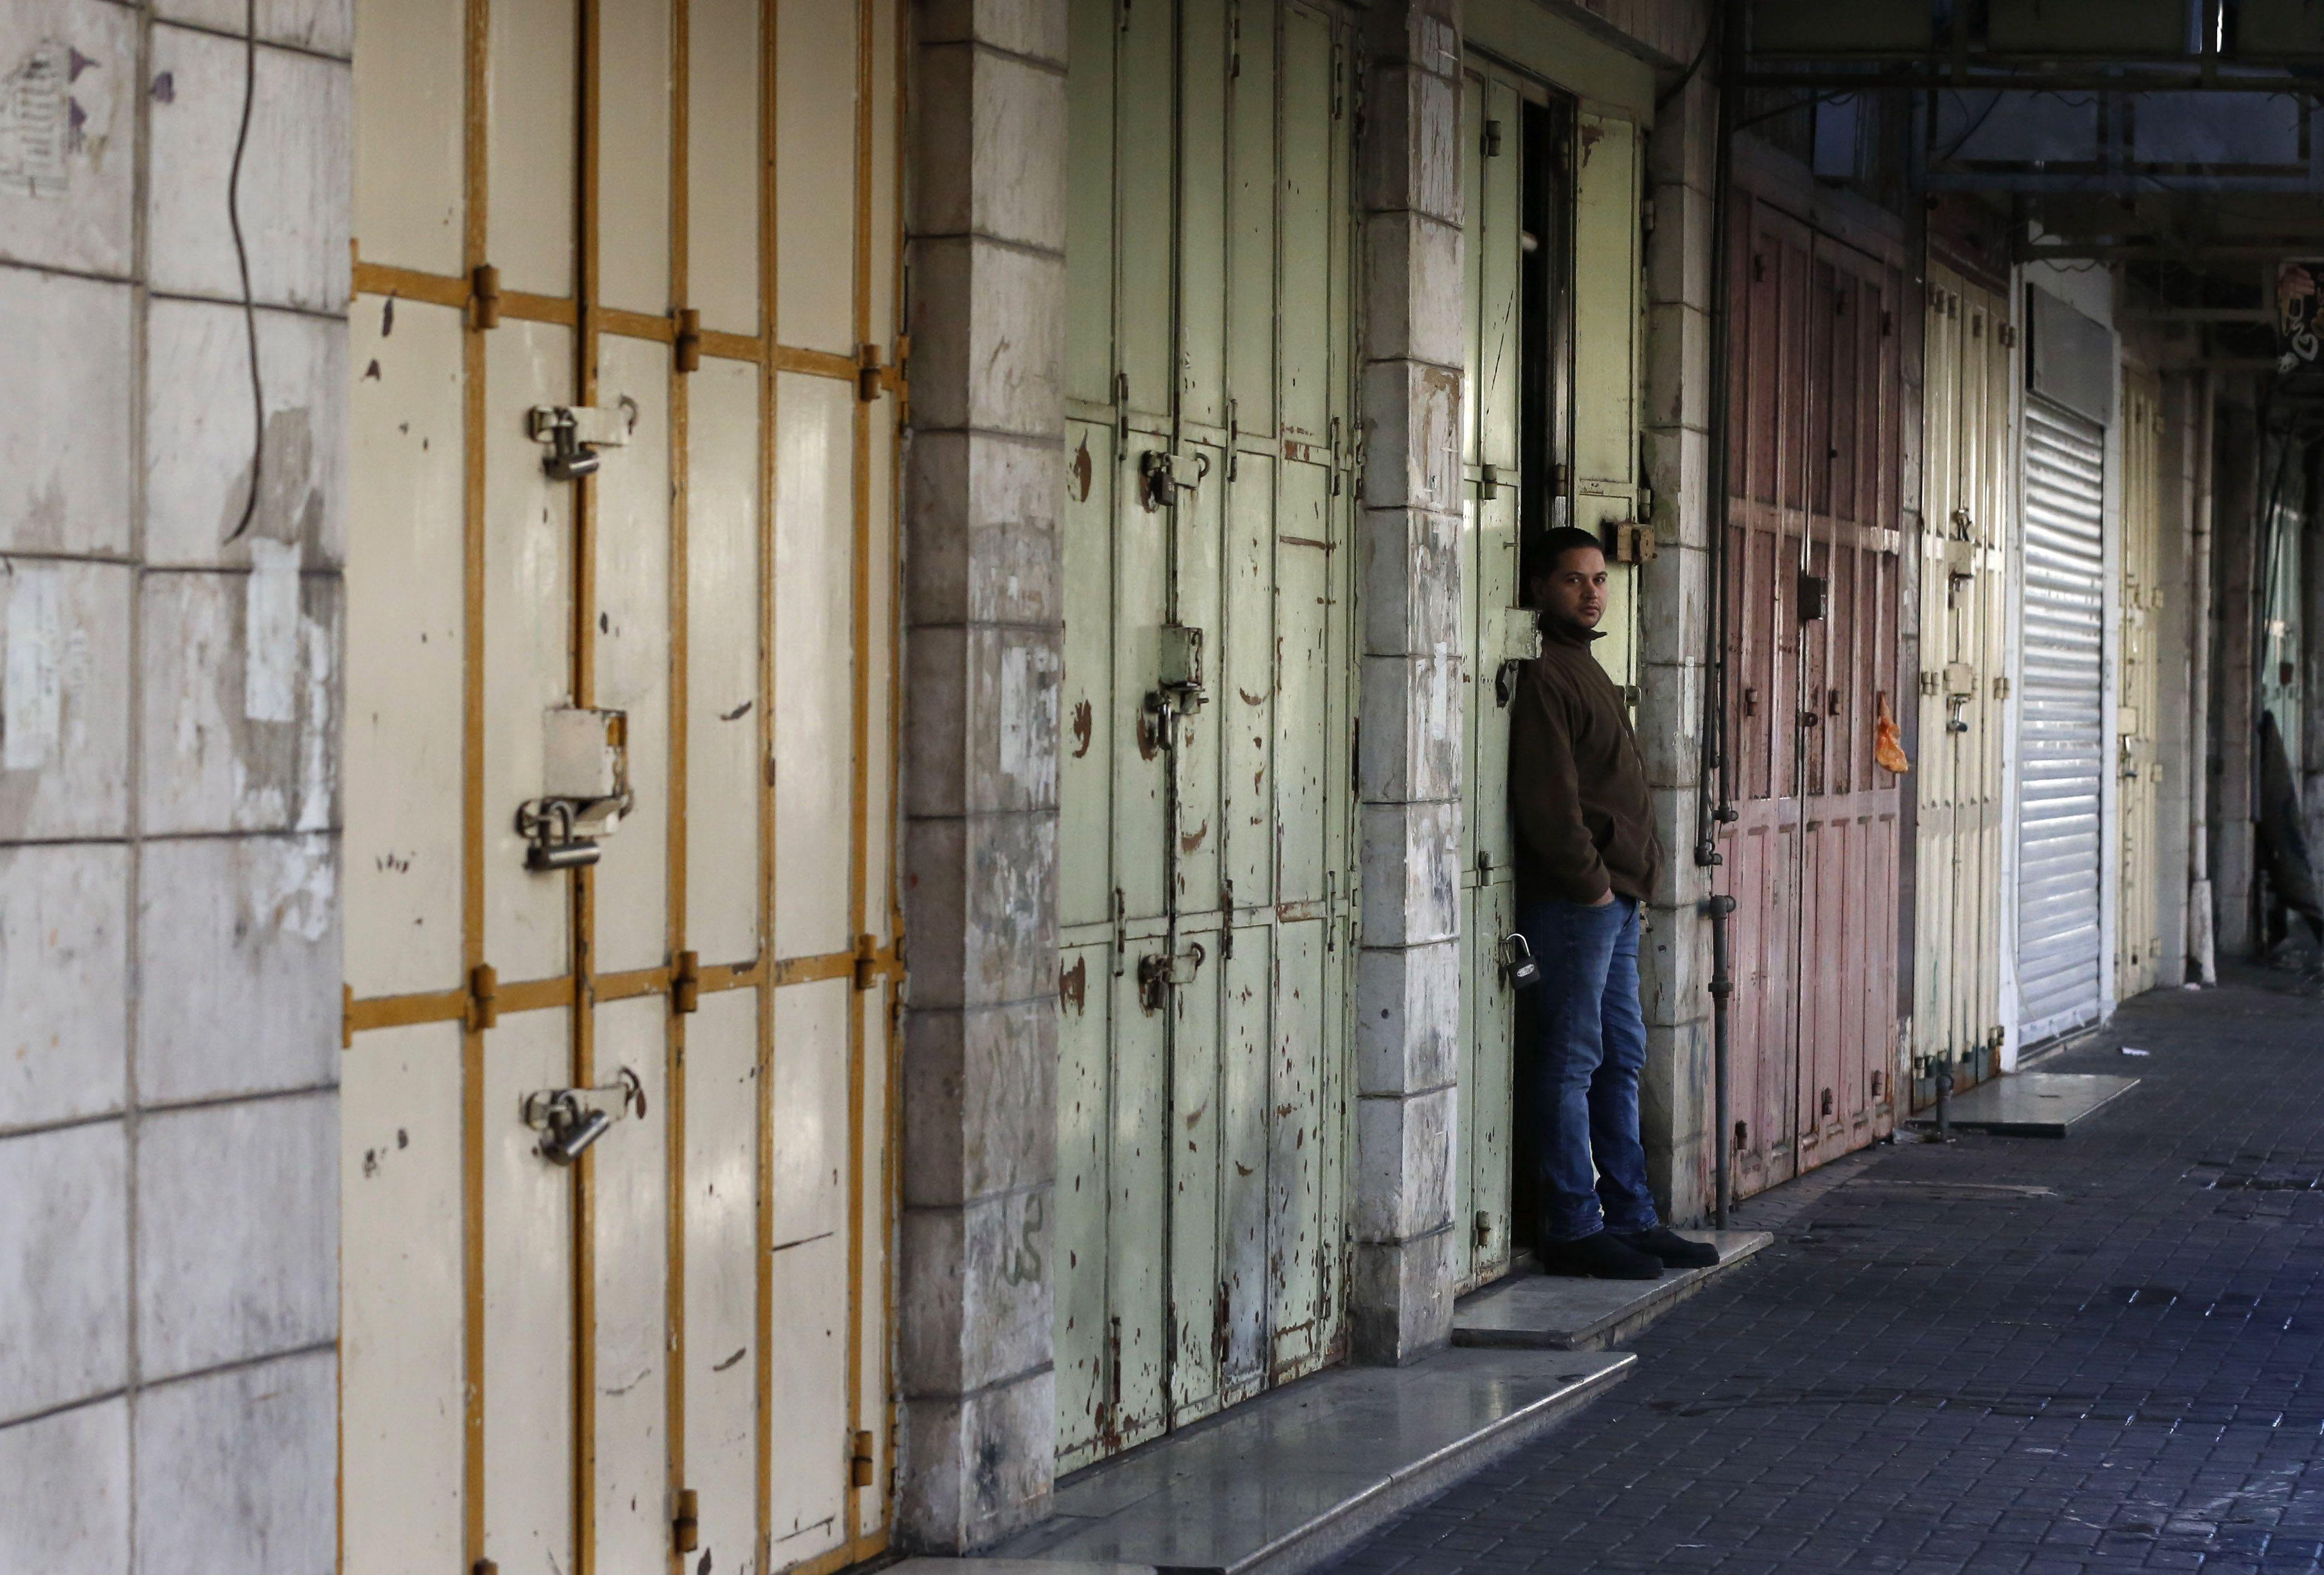 المحال التجارية تغلق ابوابها فى القدس استجابة للاضراب العام